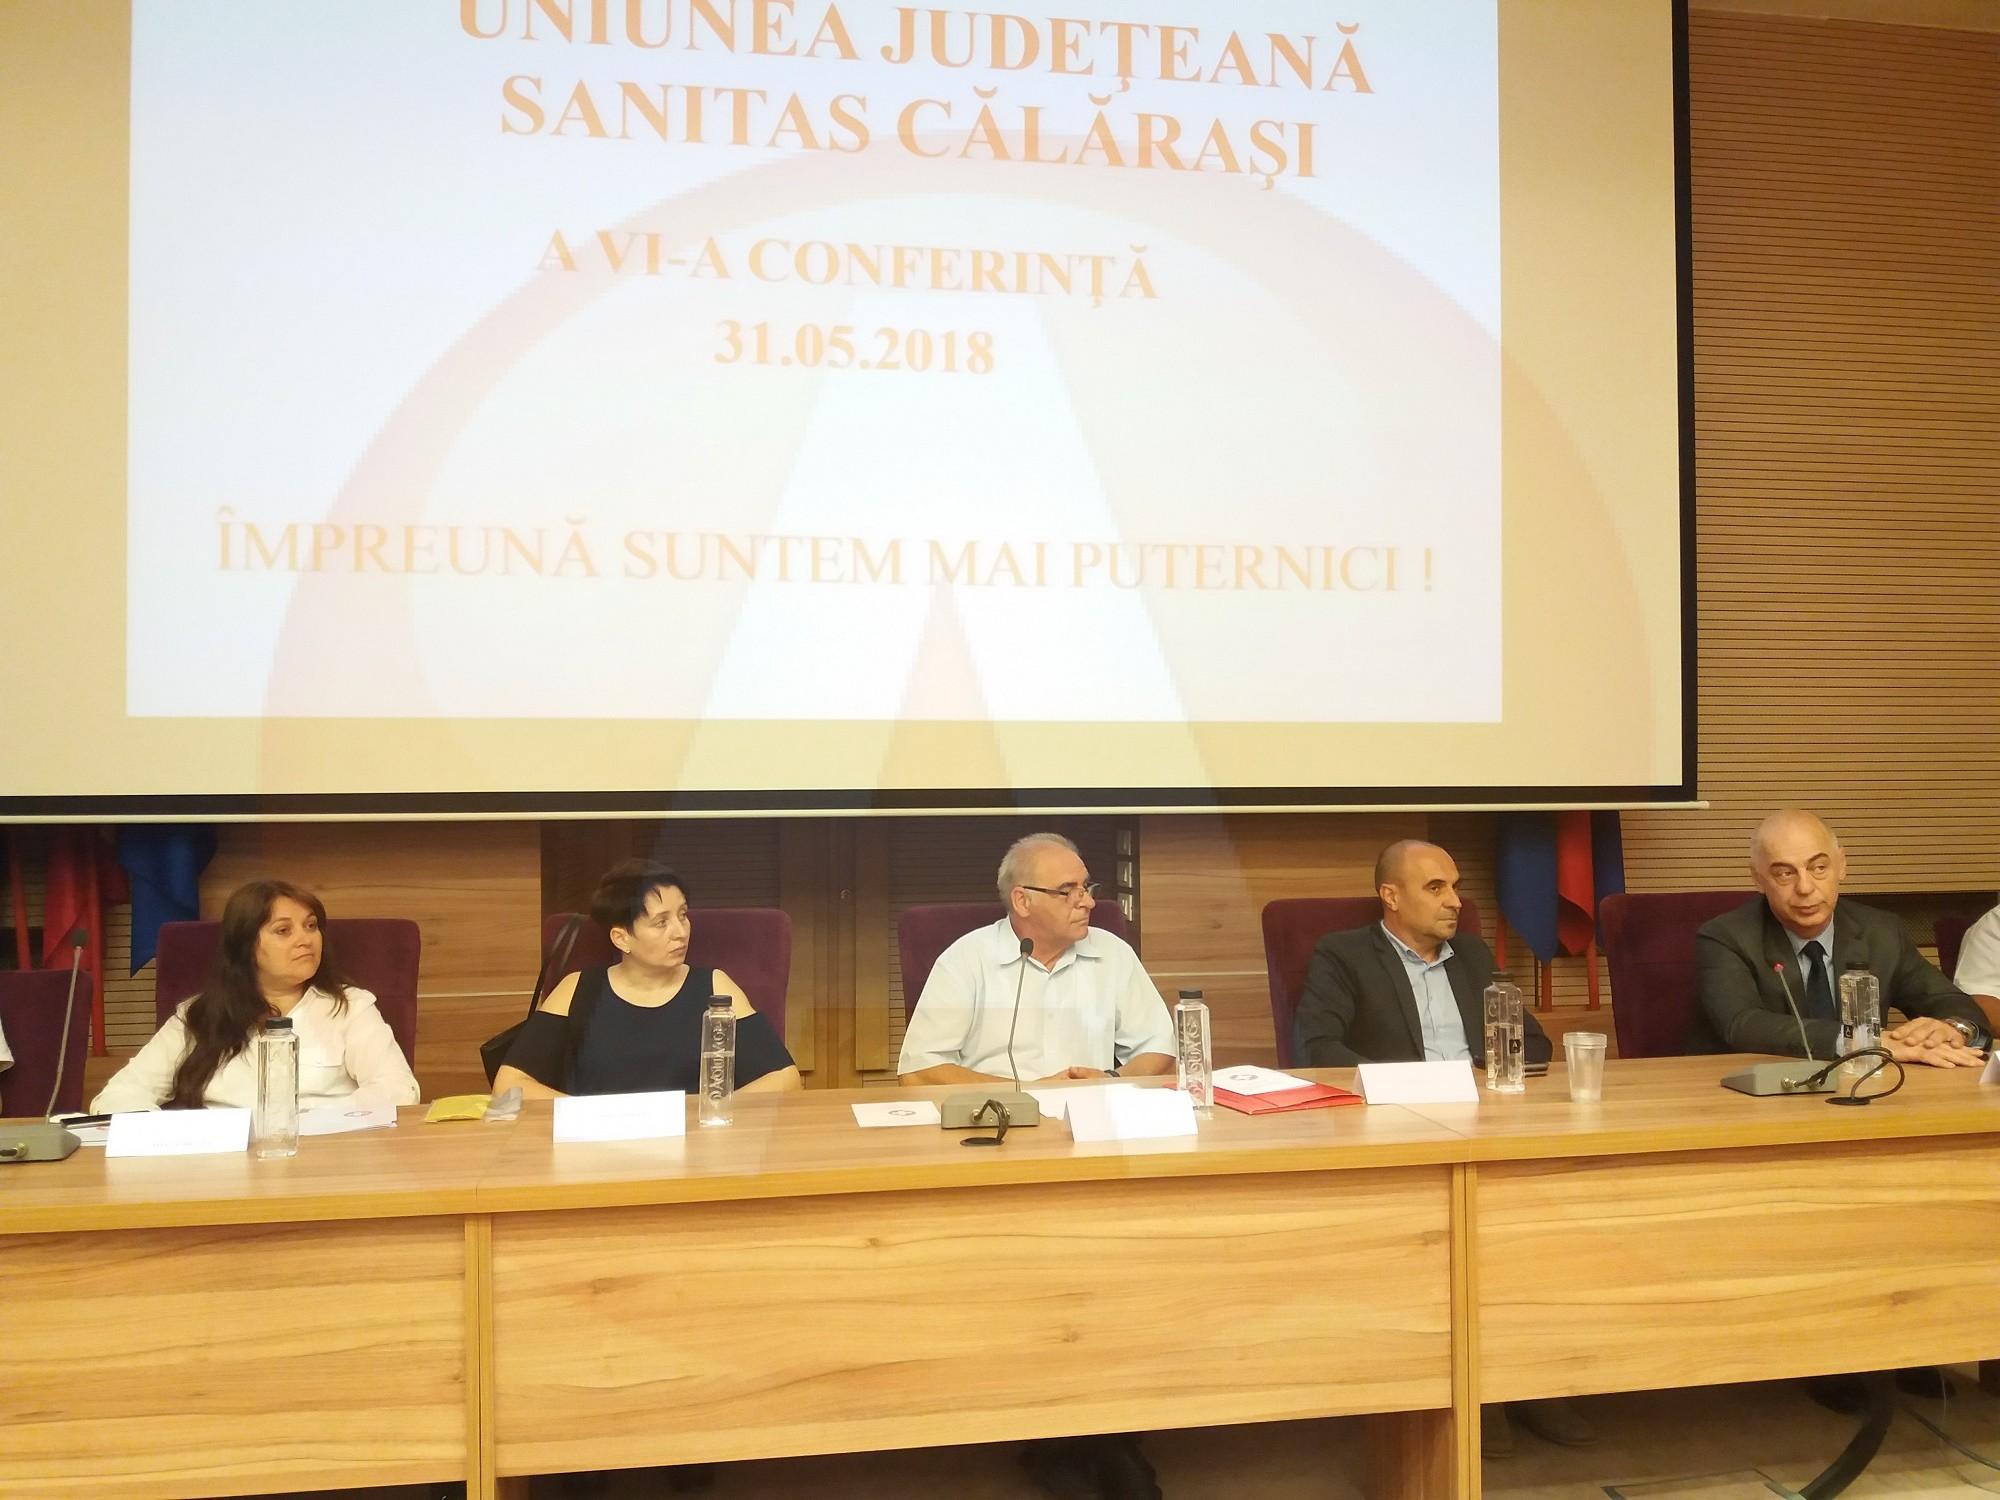 A fost aleasă o nouă conducere a Uniunii Judeţene Sanitas Călăraşi